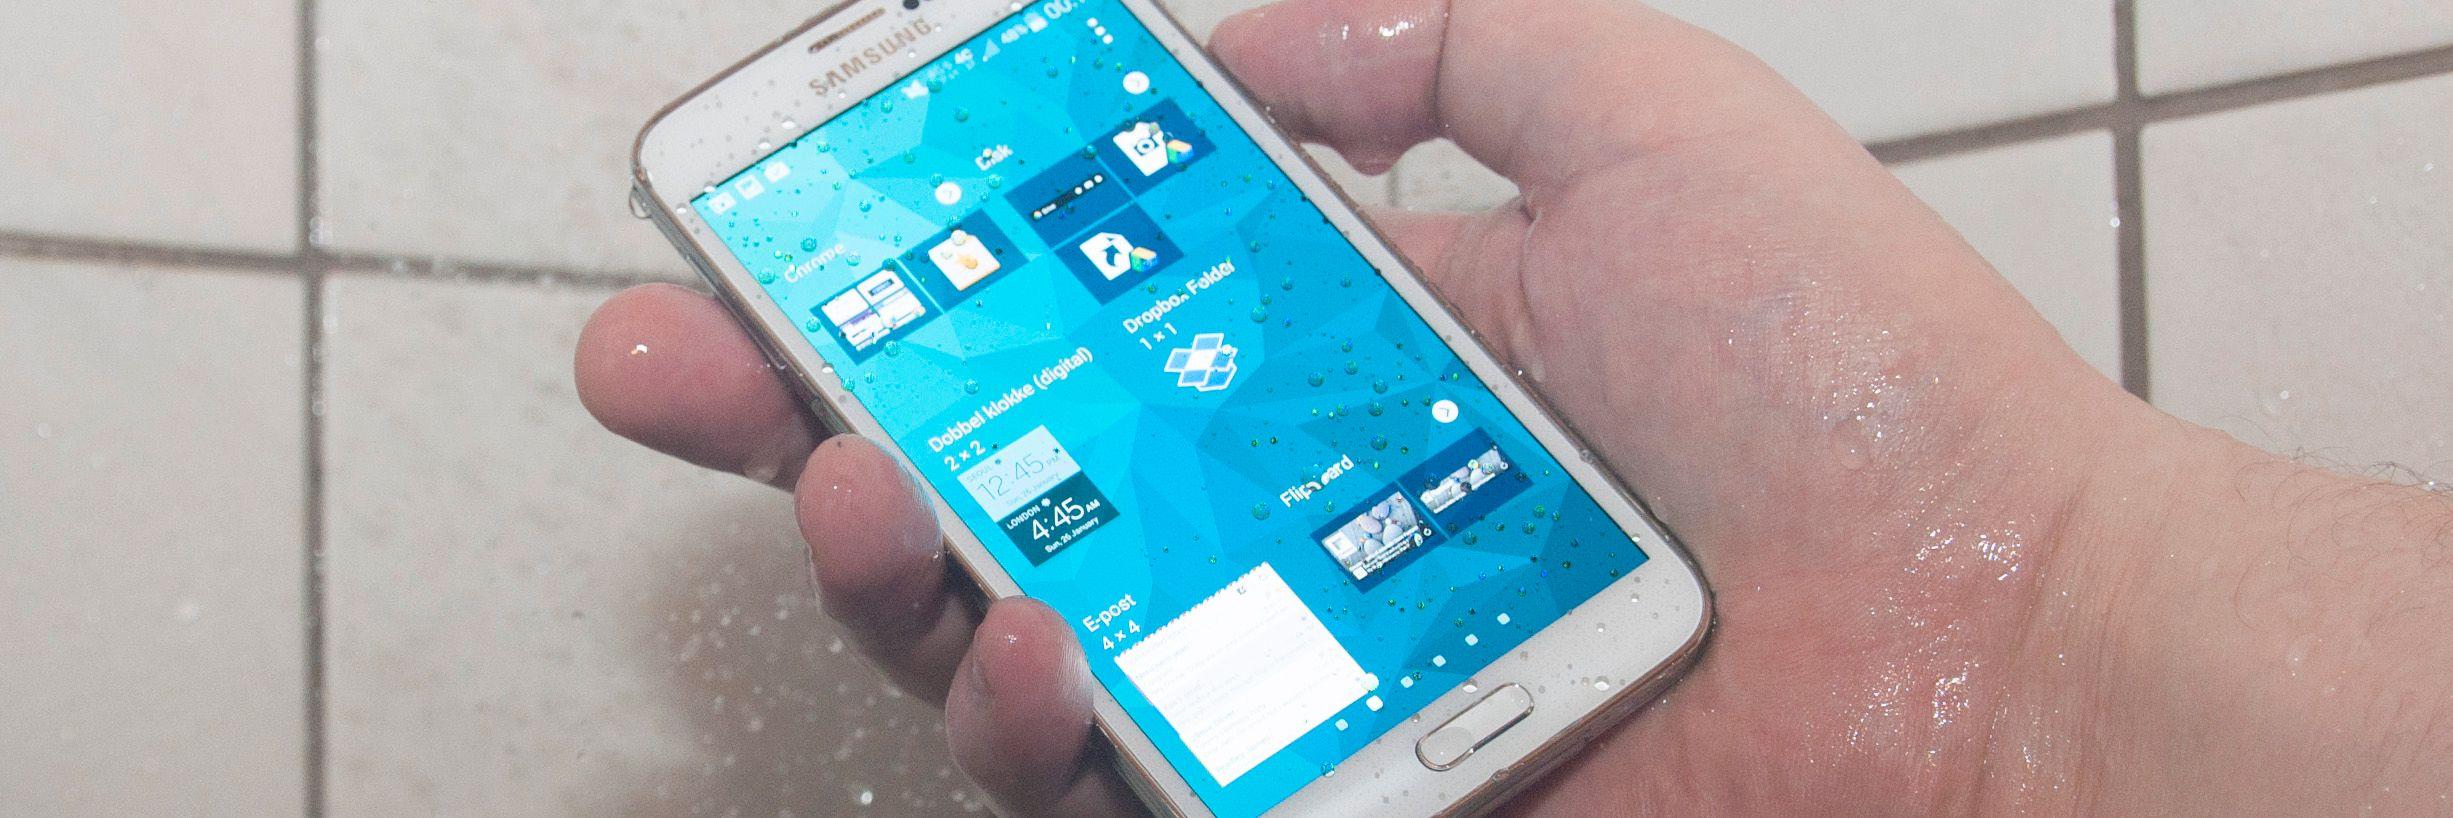 Du kan ta med Galaxy S5 i dusjen uten at det byr på problemer.Foto: Finn Jarle Kvalheim, Amobil.no